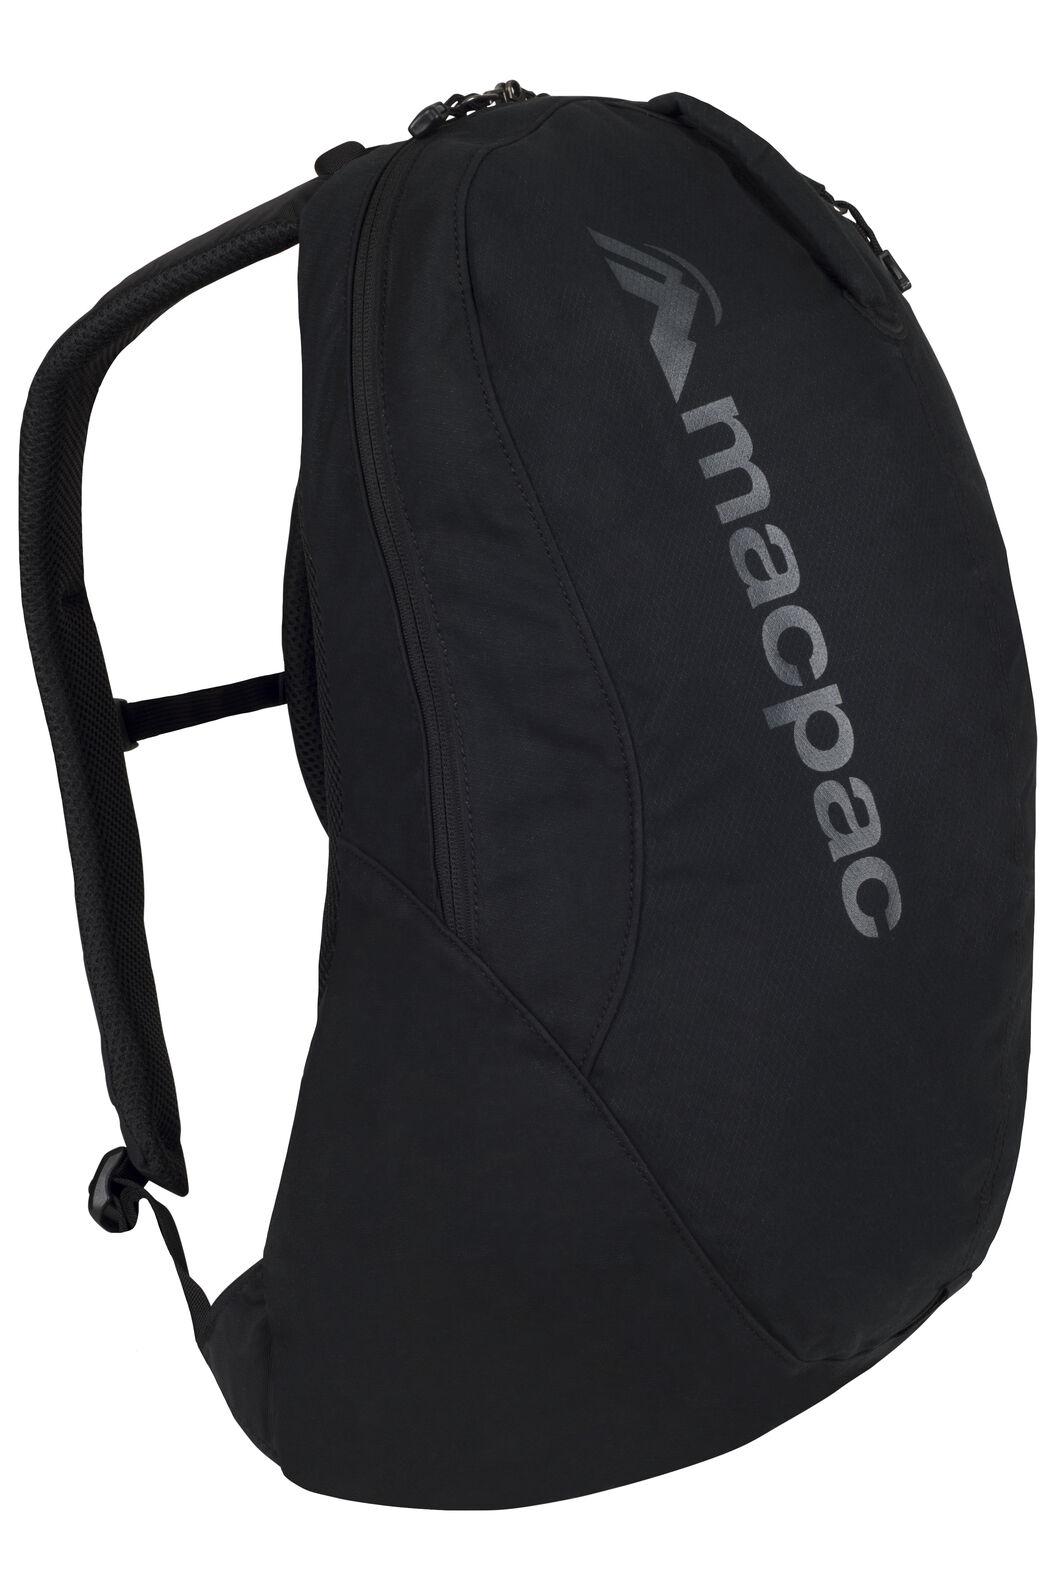 Macpac Kahu 22L AzTec® Backpack, Black, hi-res